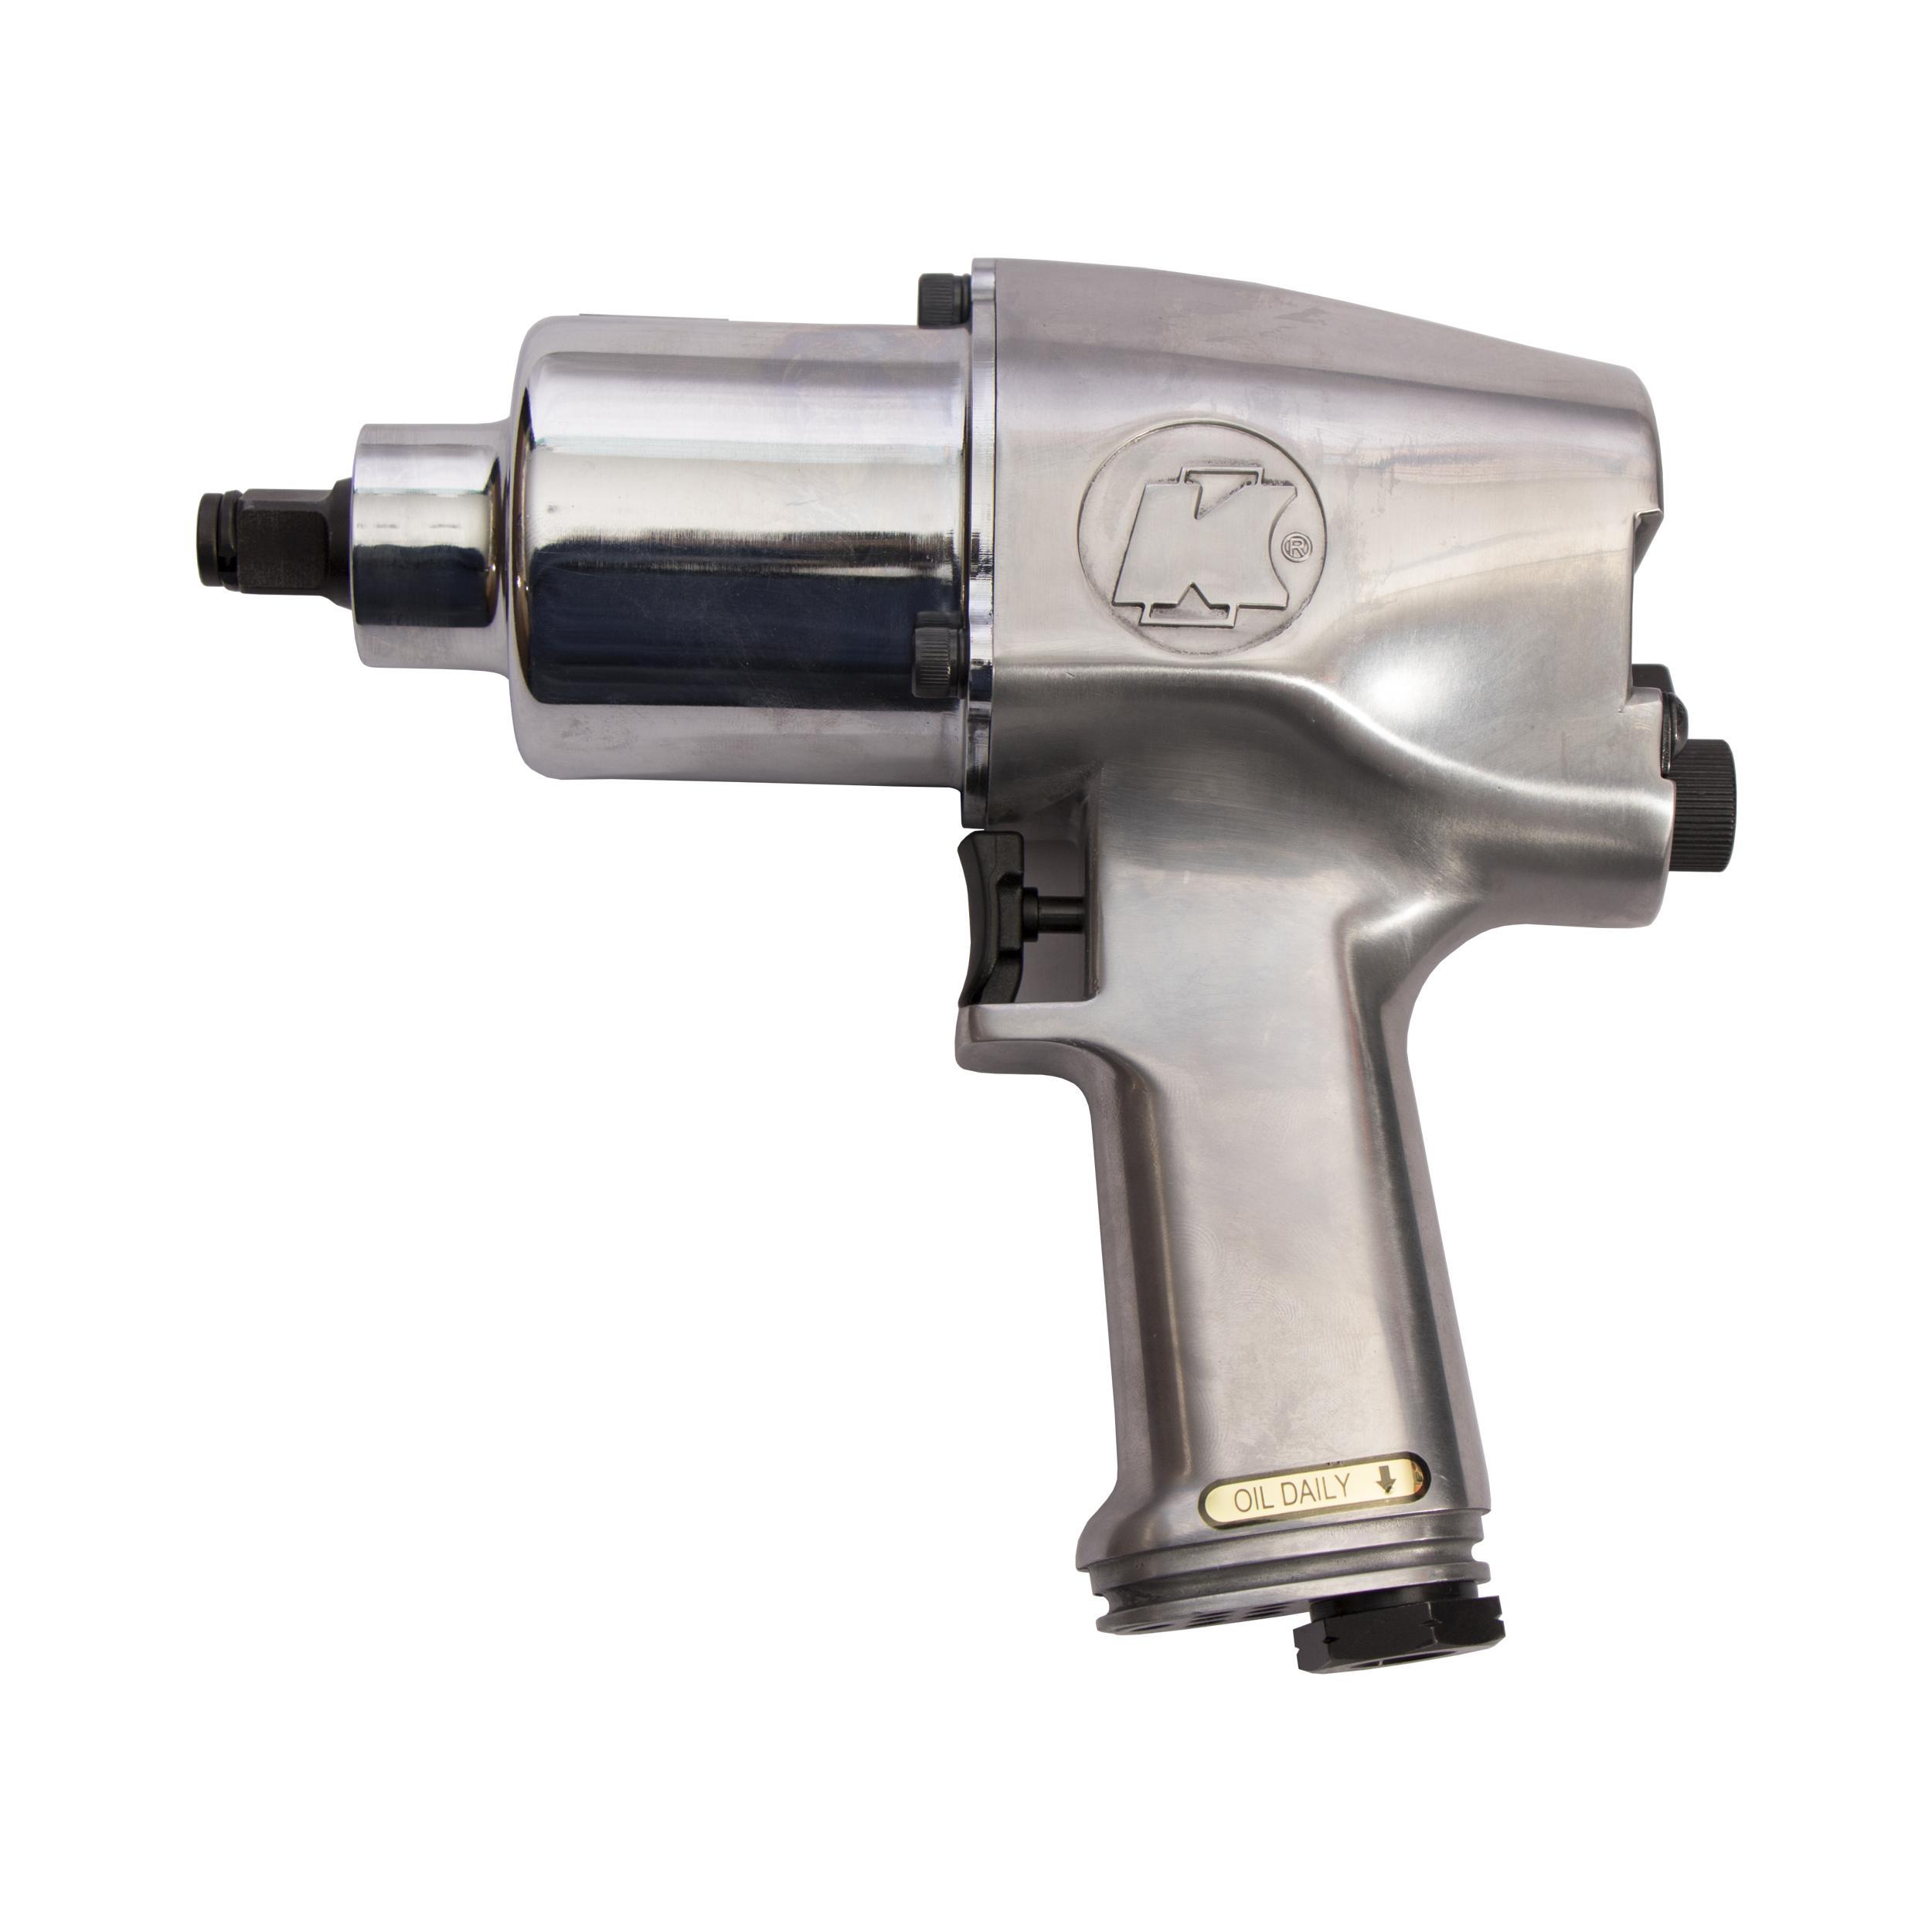 آچار بکس بادی کوانی مدل KI-857